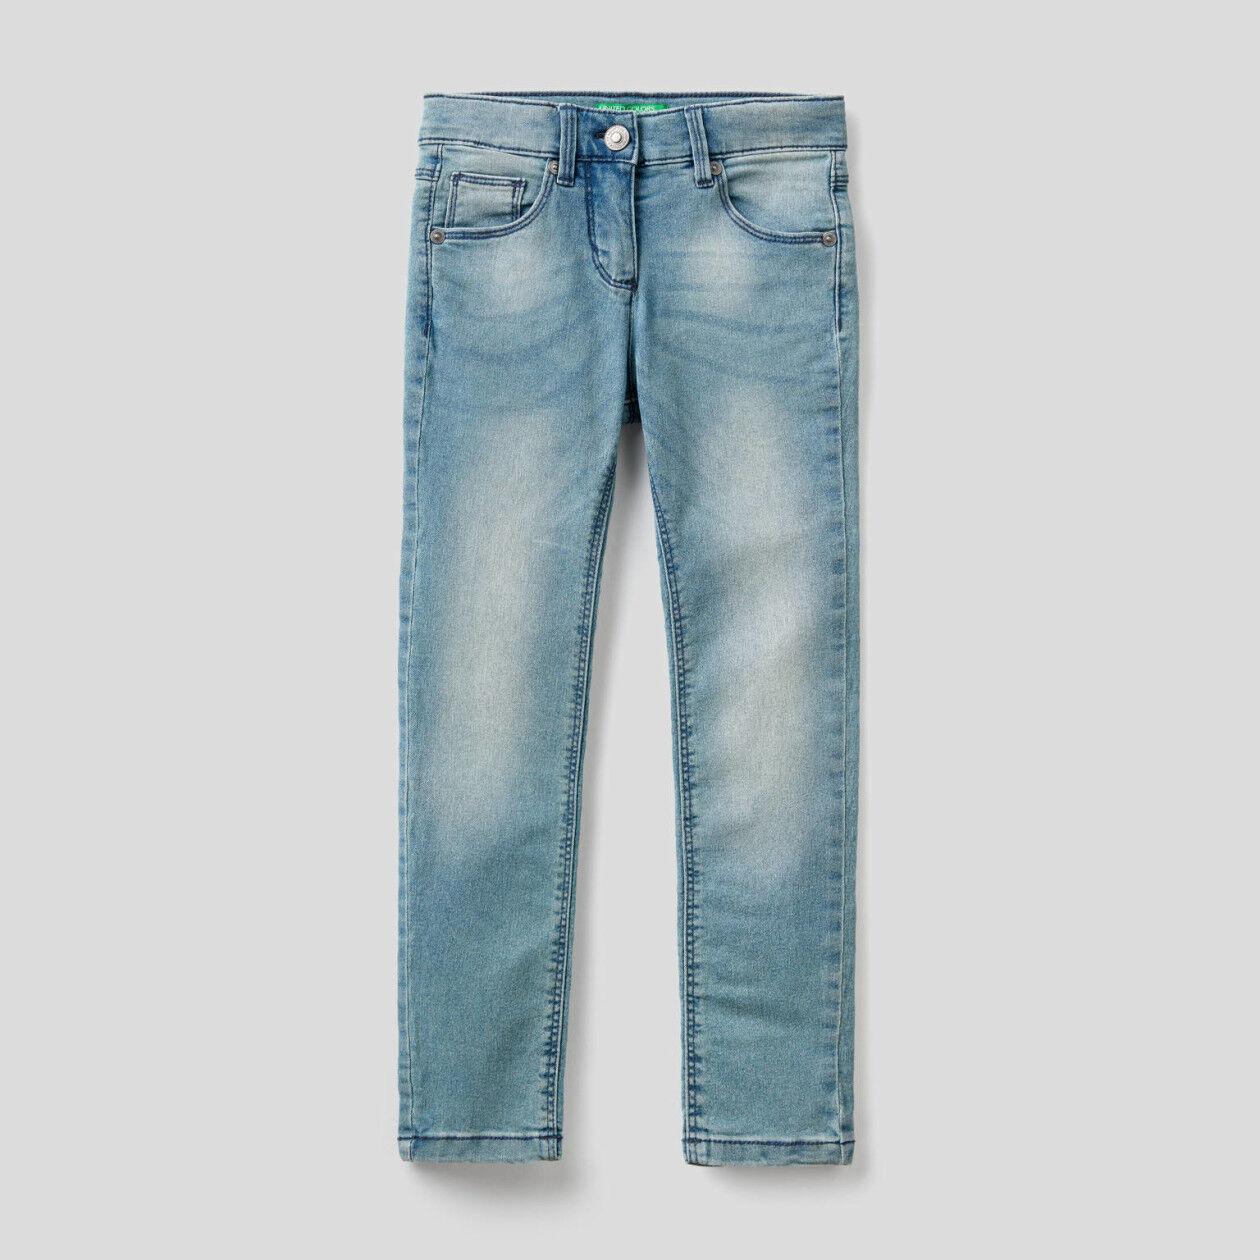 Jeans de cintura descida skinny fit